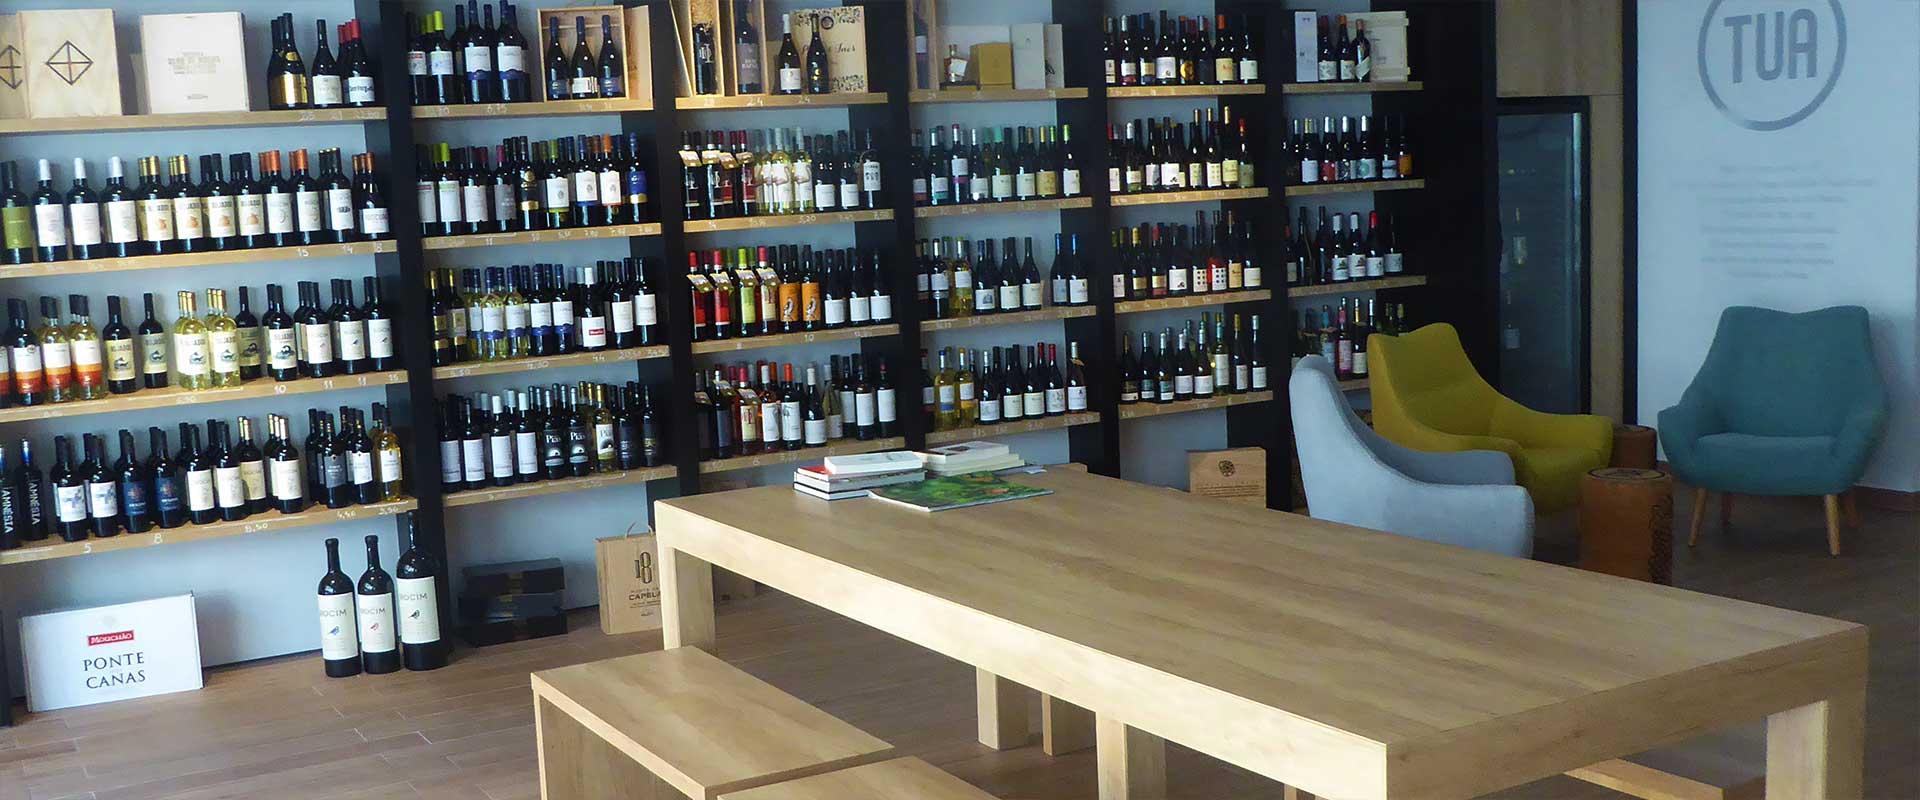 provas de vinho, eventos privados, workshops